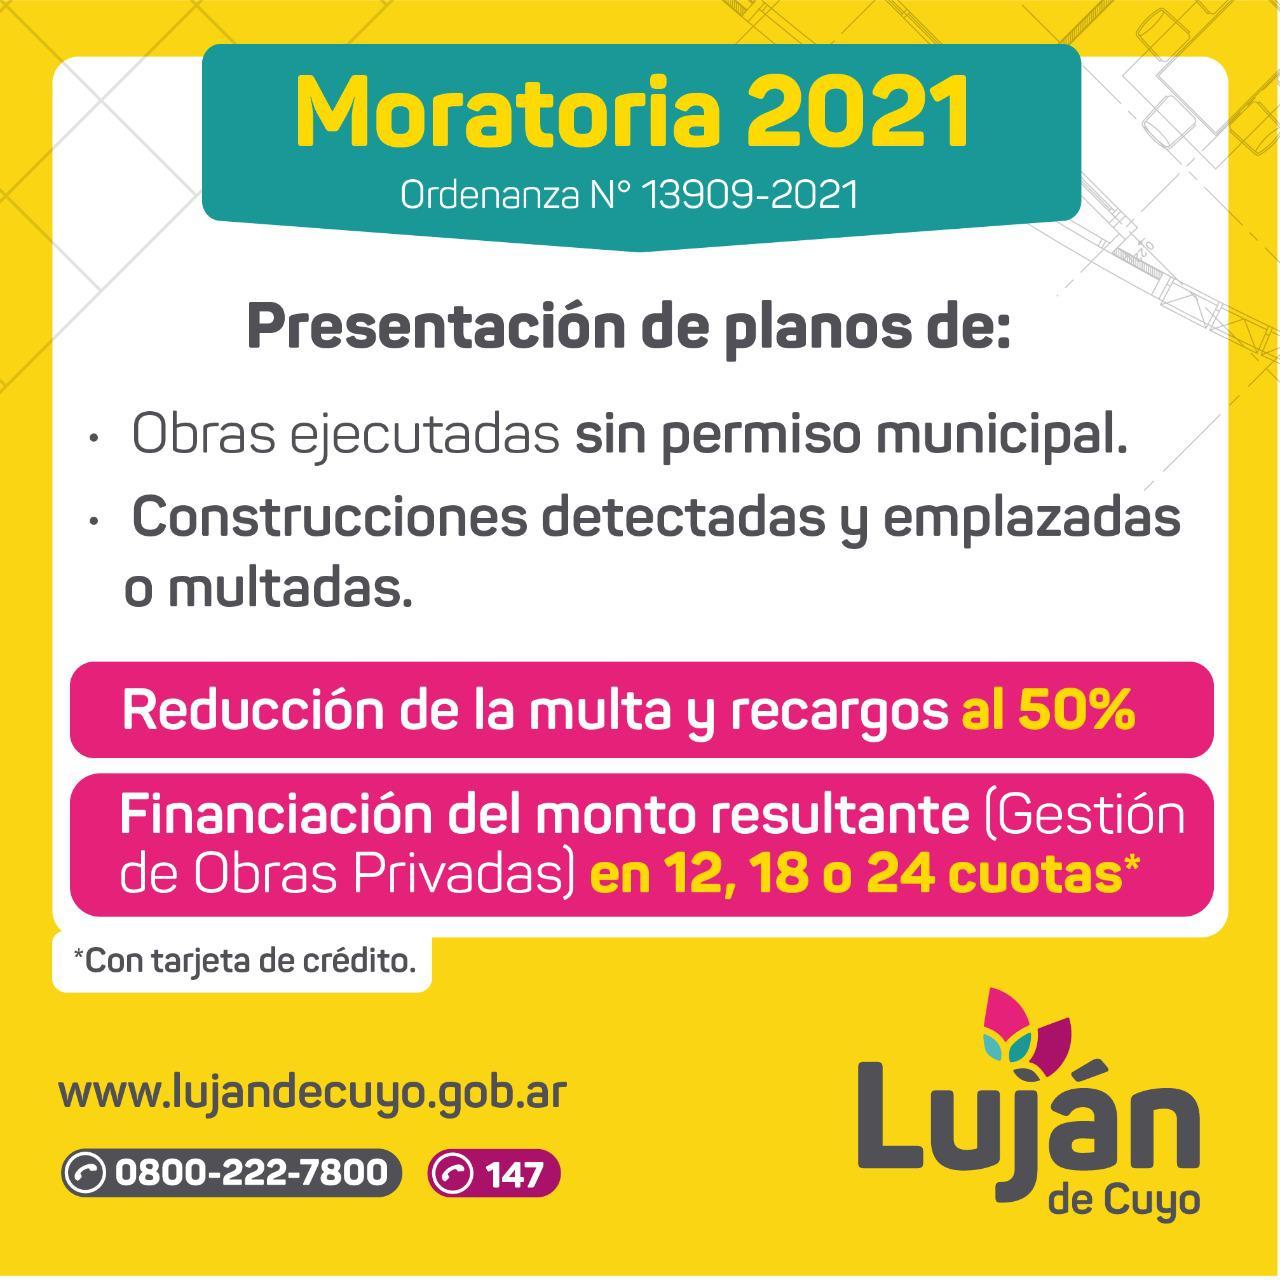 Moratoria 2021